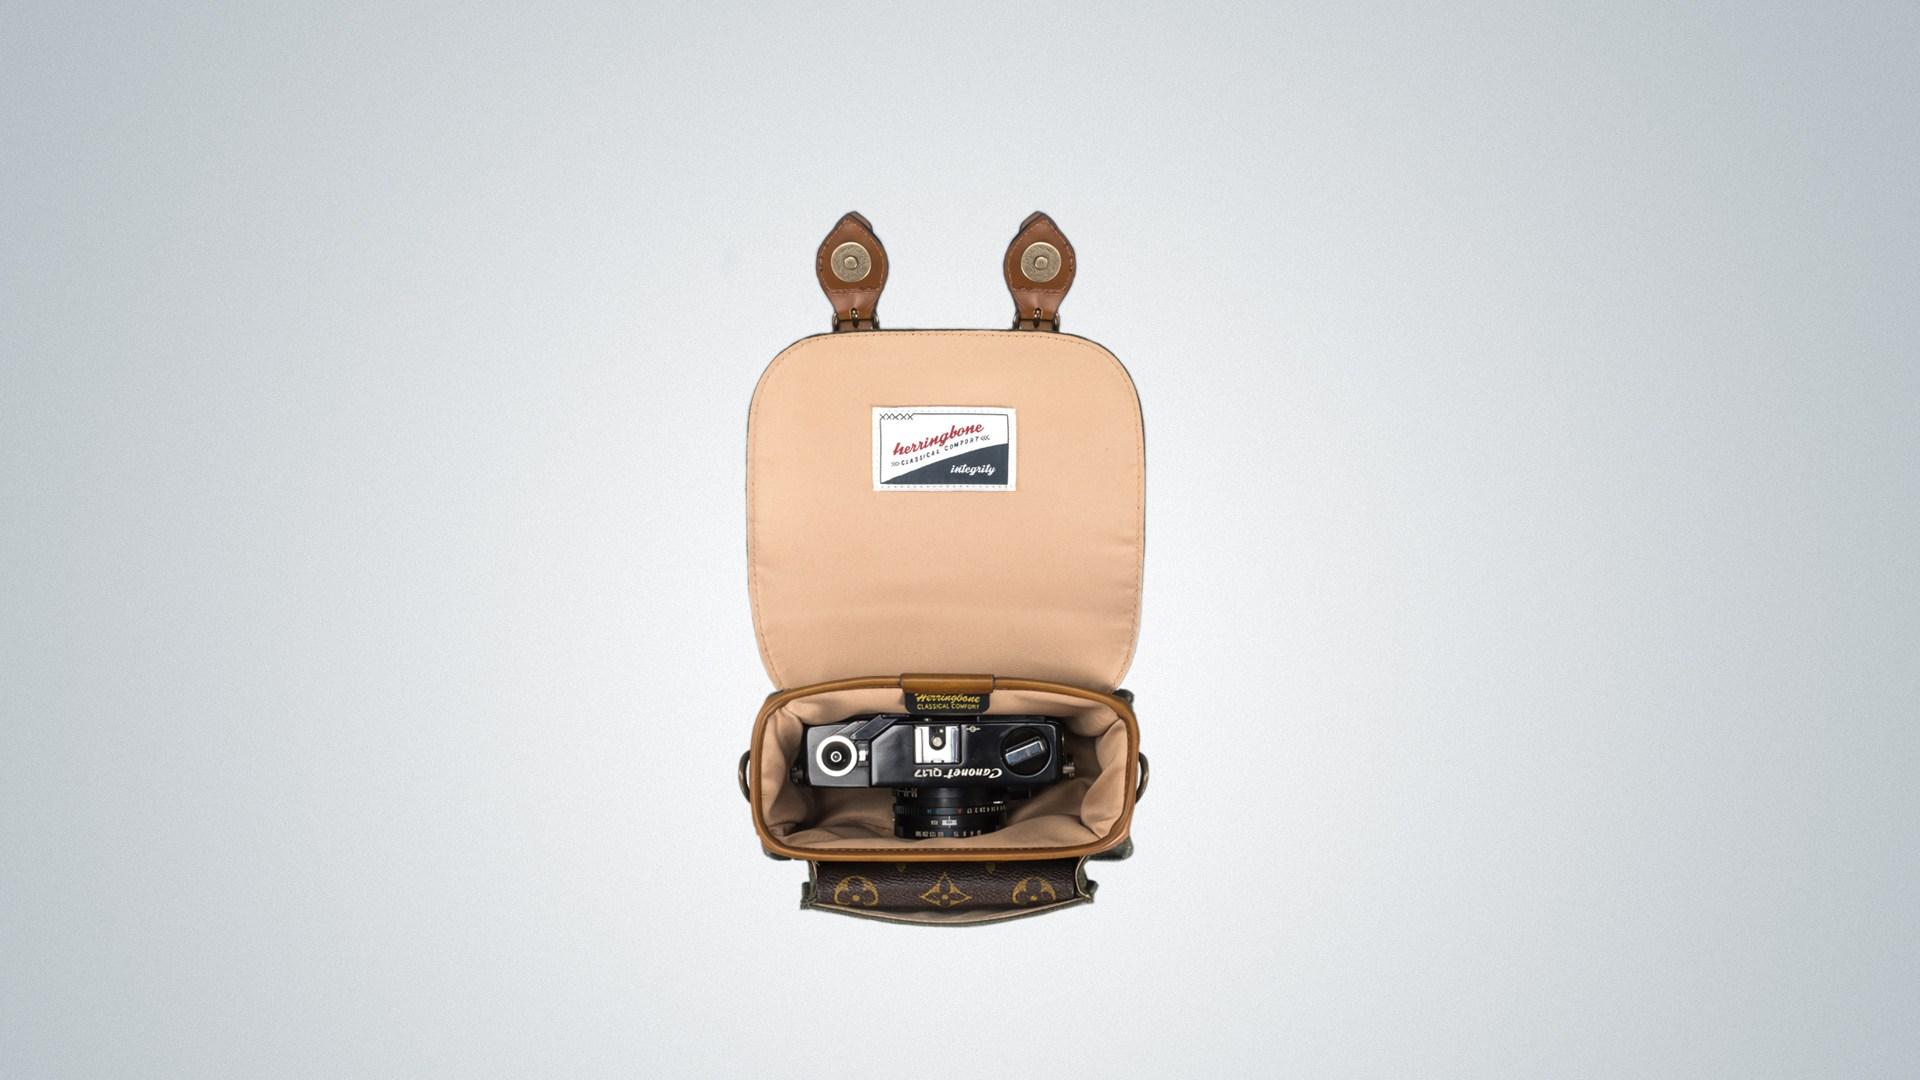 Túi máy ảnh Herringbone Papaspocket V4 Micro - Khaki color (Thương hiệu Hàn Quốc) - Hàng chính hãng